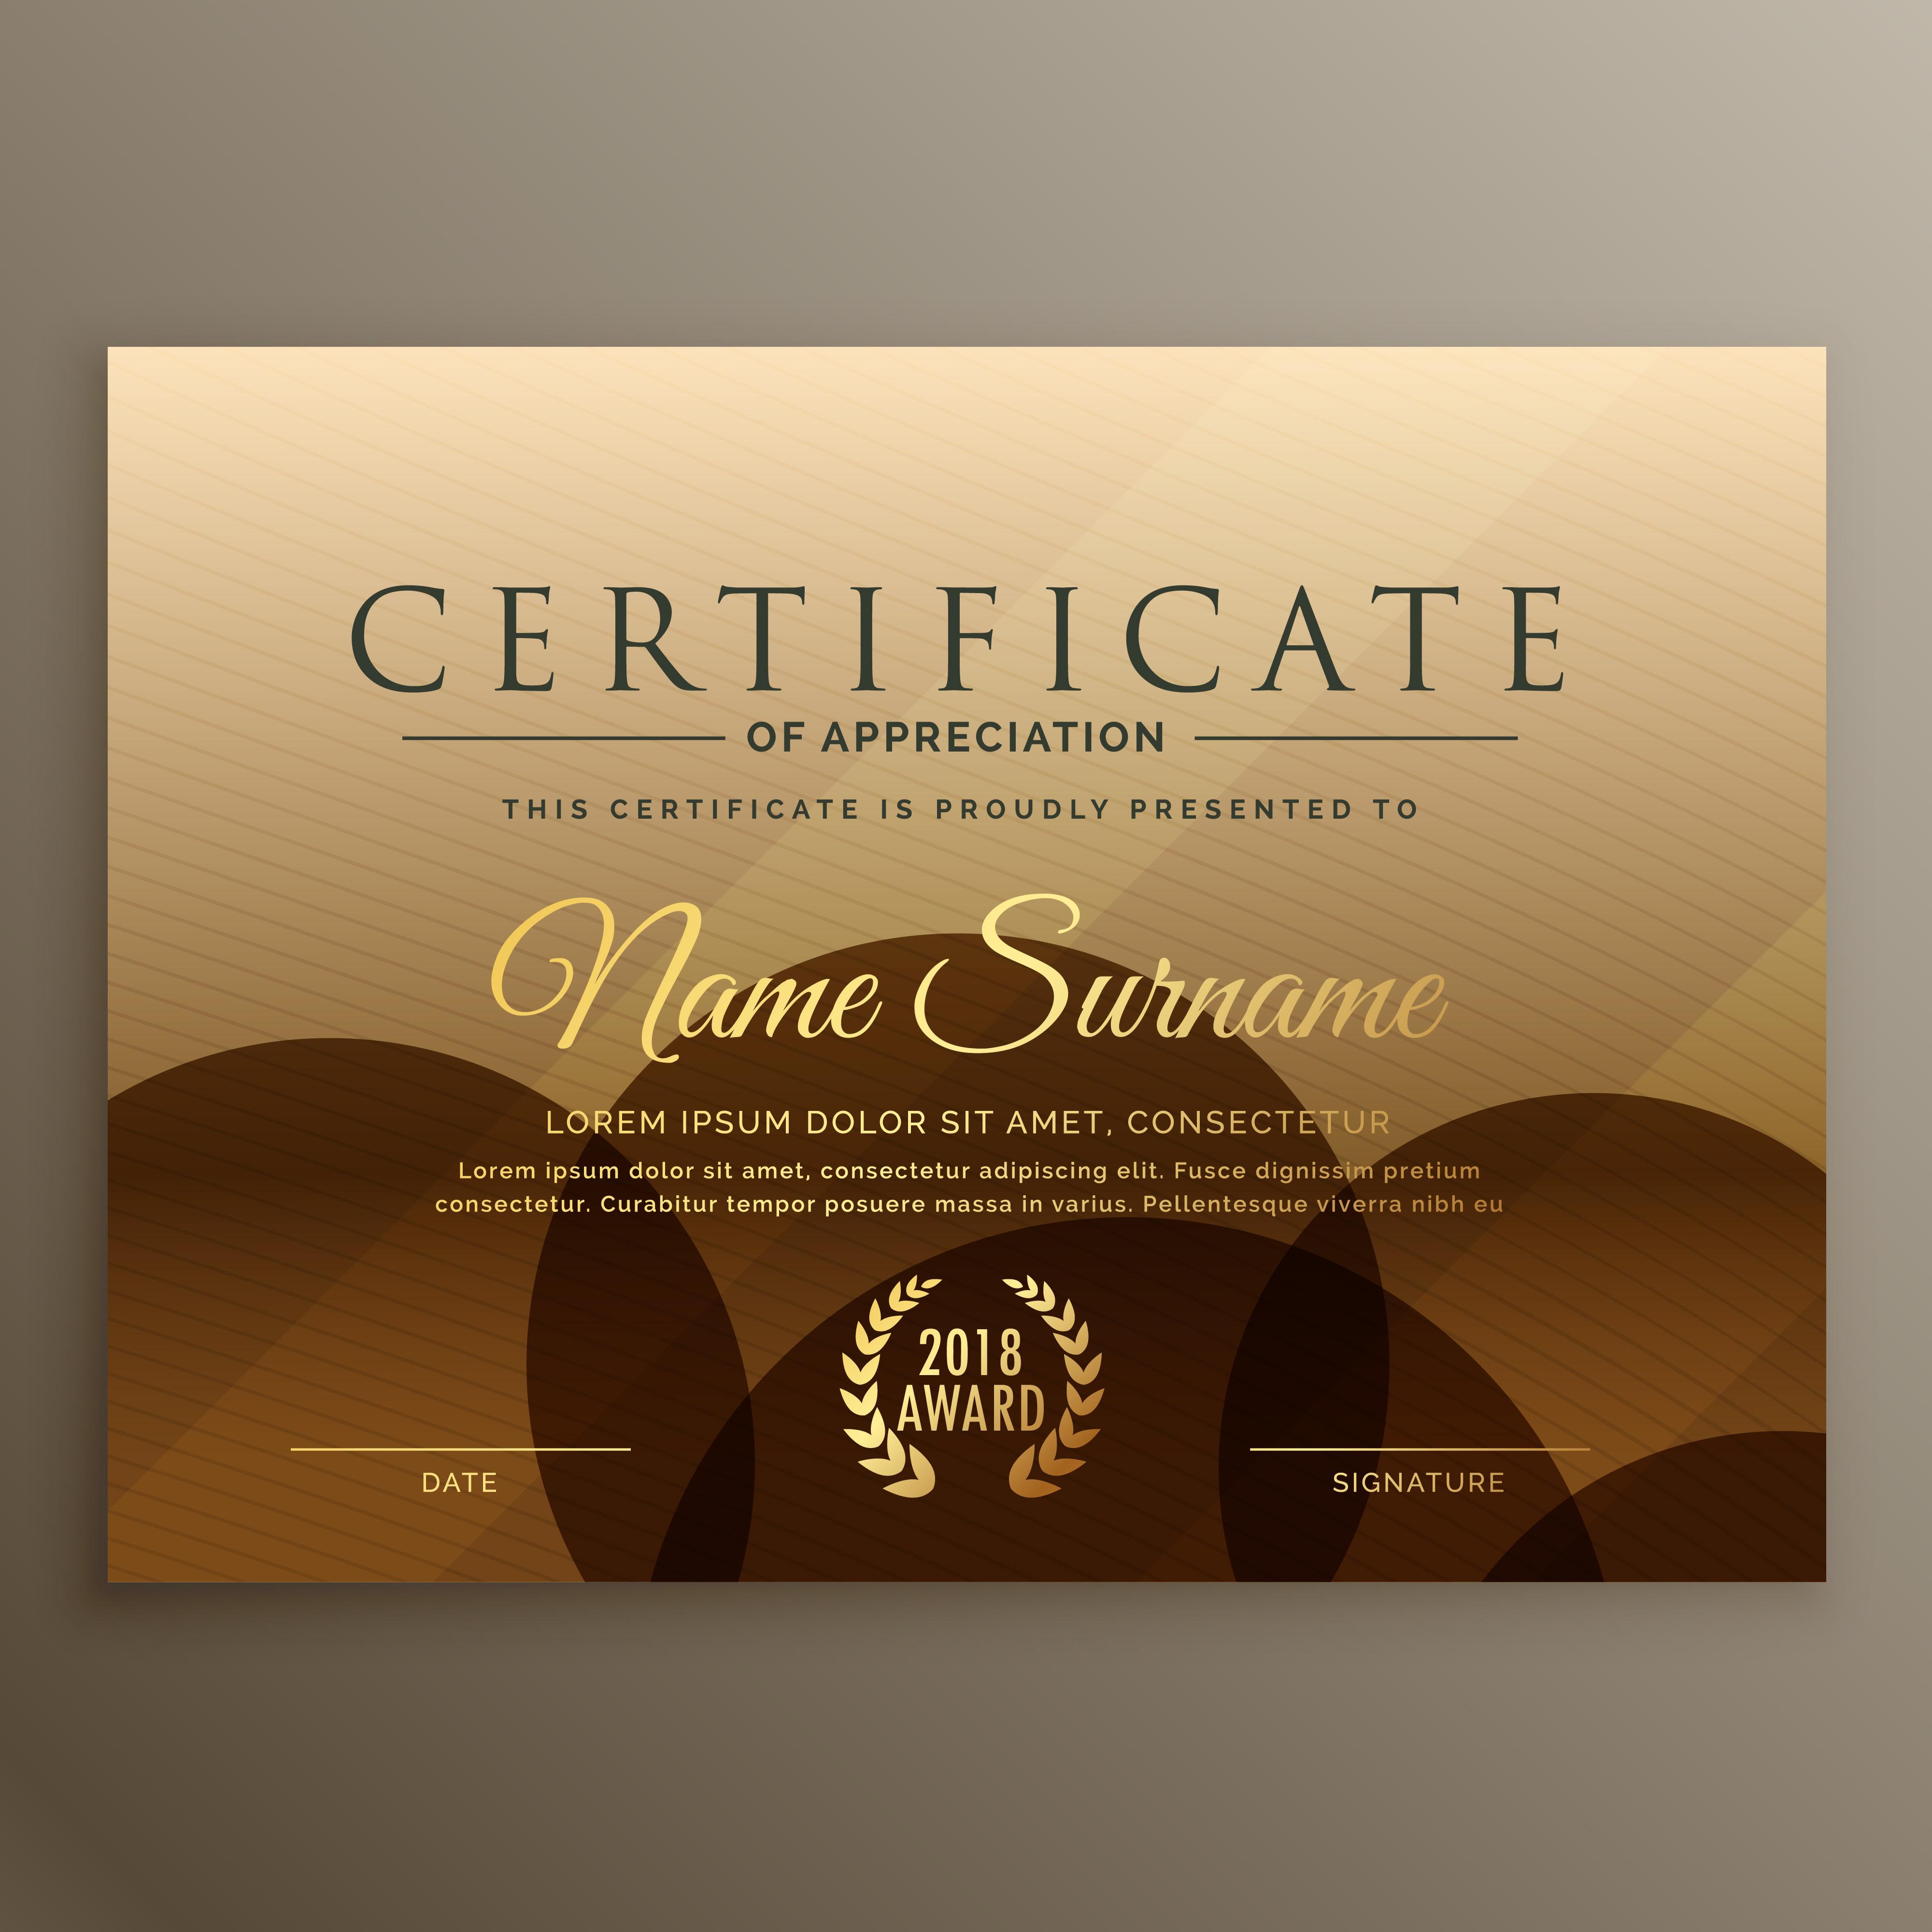 premium brown certificate design template - Download Free ...